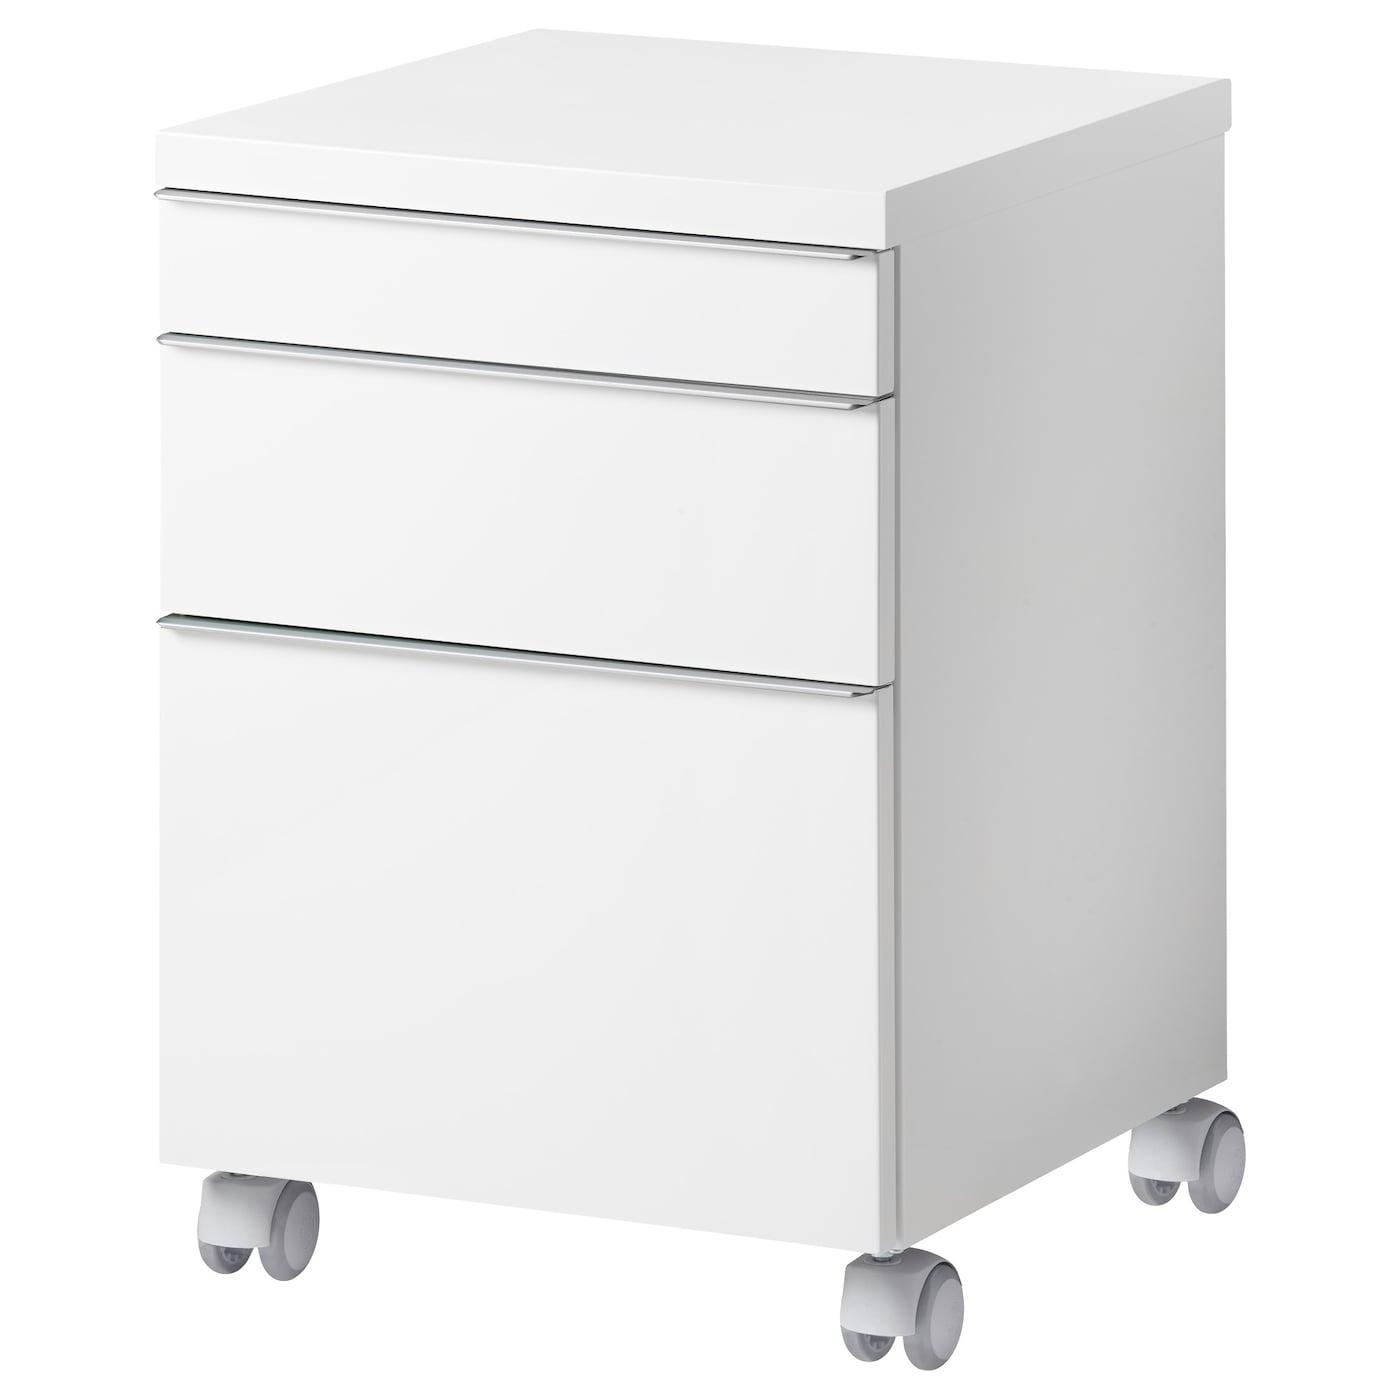 IKEA BESTÅ BURS biała komoda na kółkach o wysokim połysku, 40x40 cm